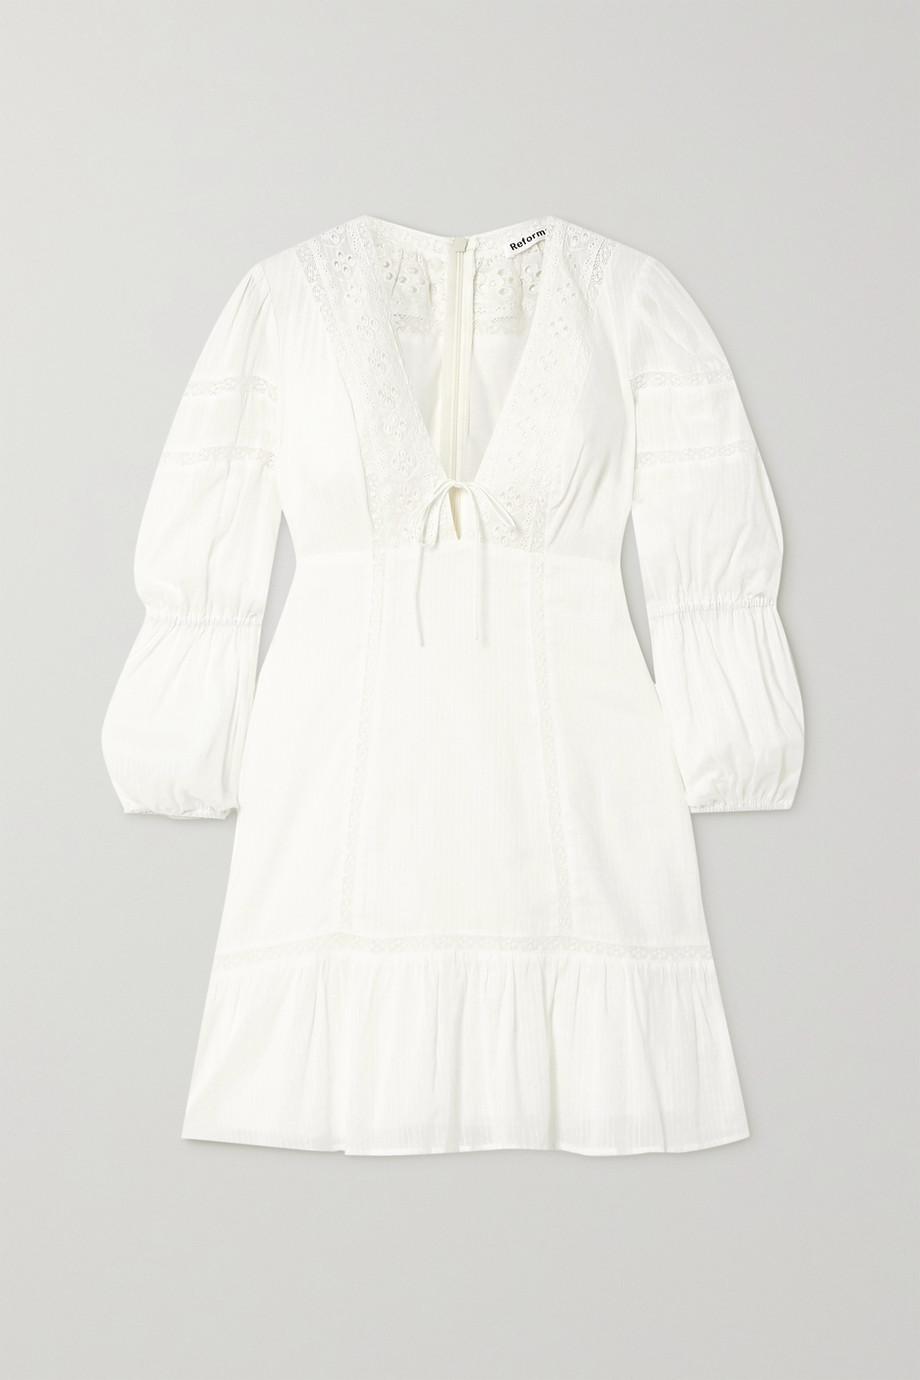 Reformation Cecille 马德拉刺绣边饰有机纯棉巴里纱迷你连衣裙